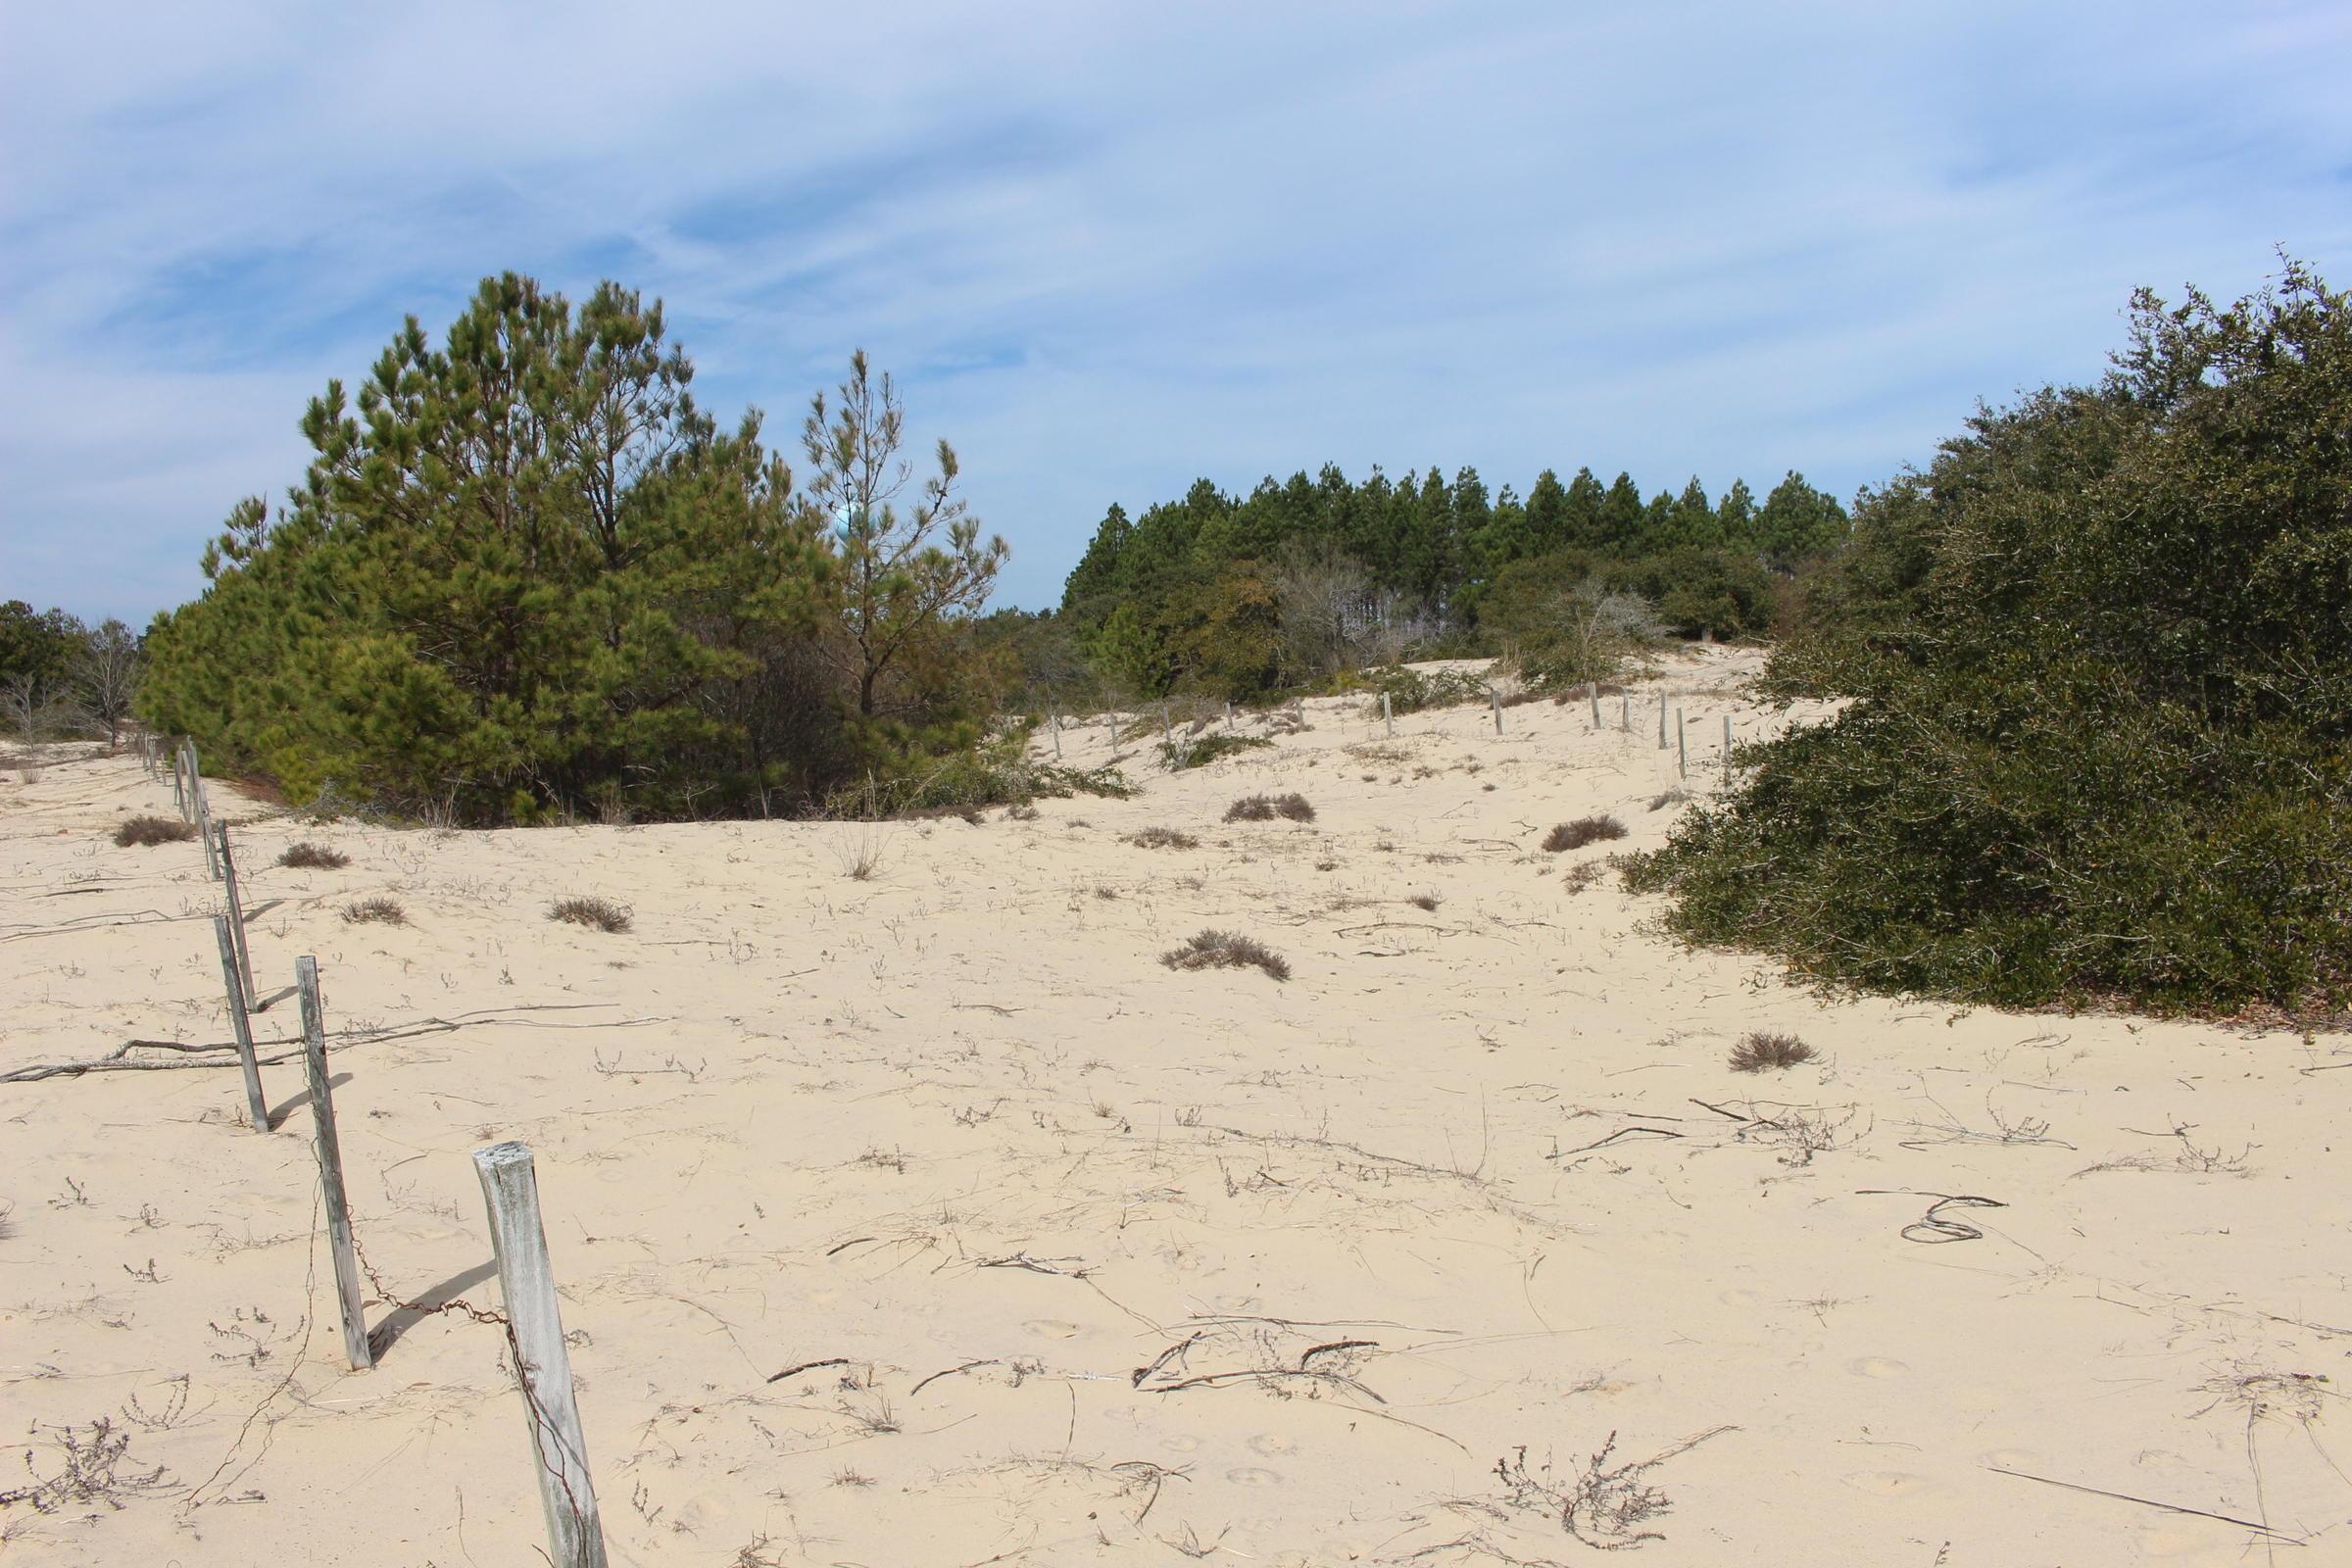 Dune Barren